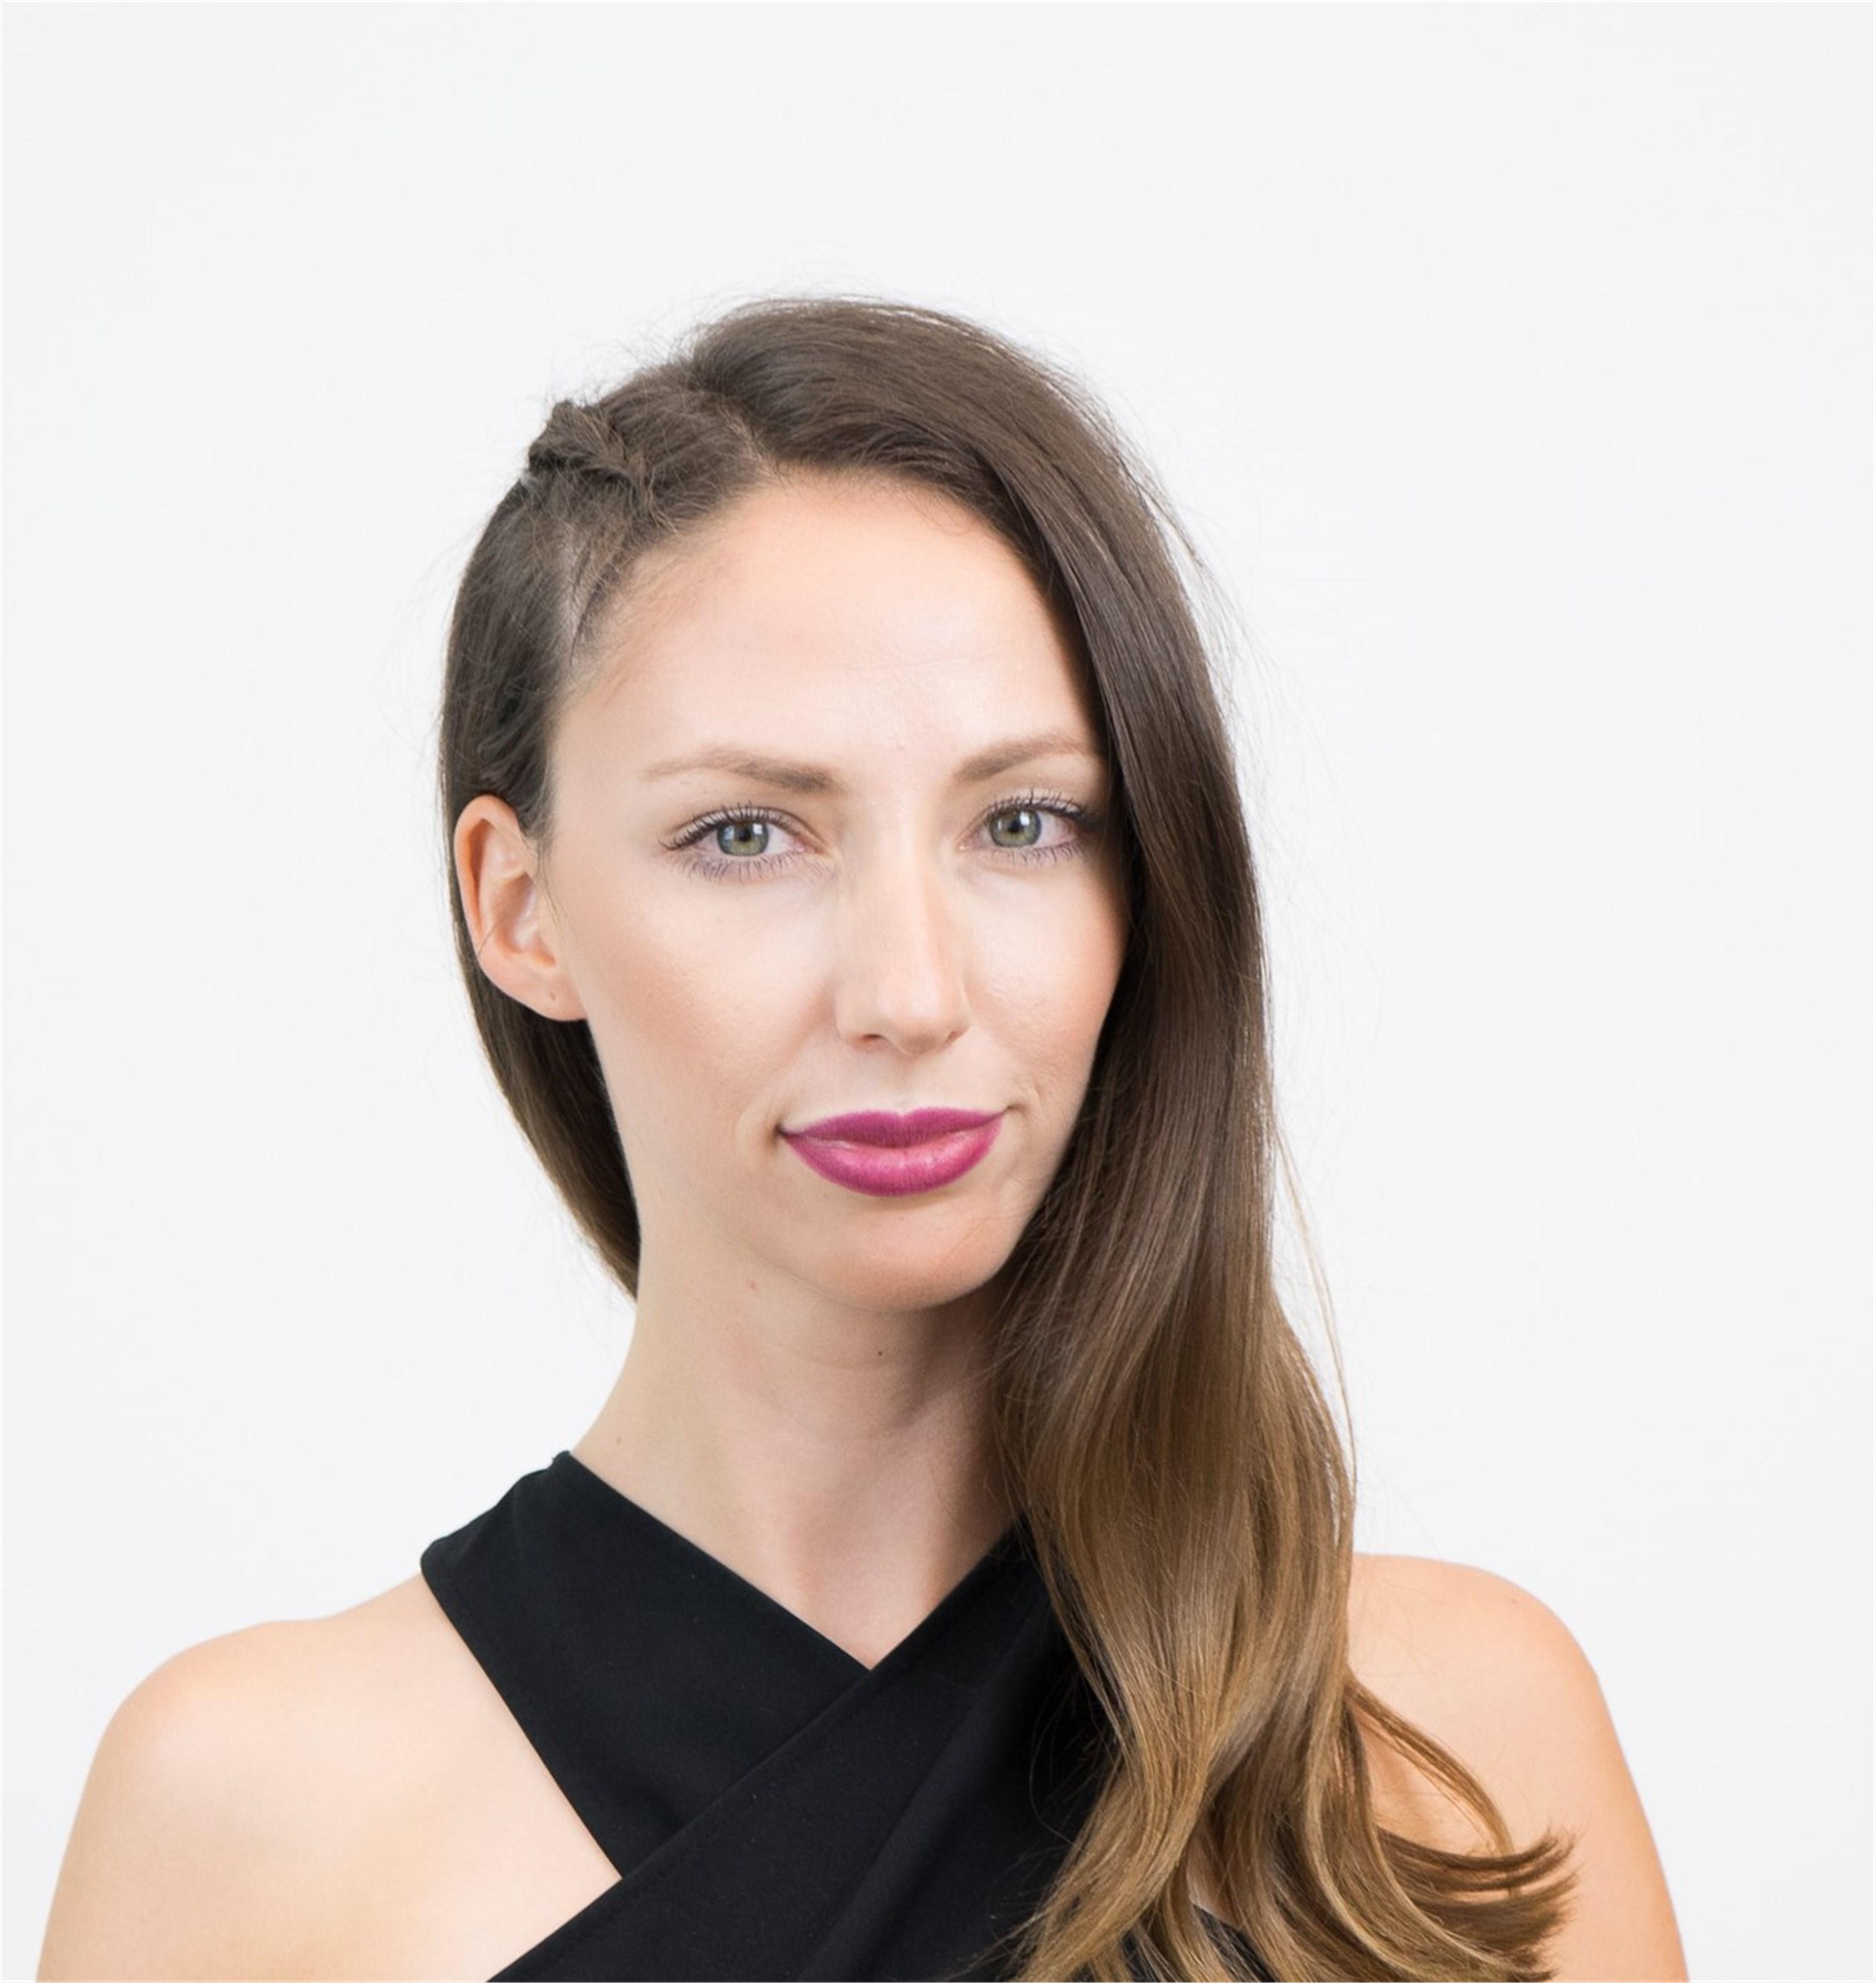 Photo of Yoana KALFINOVA